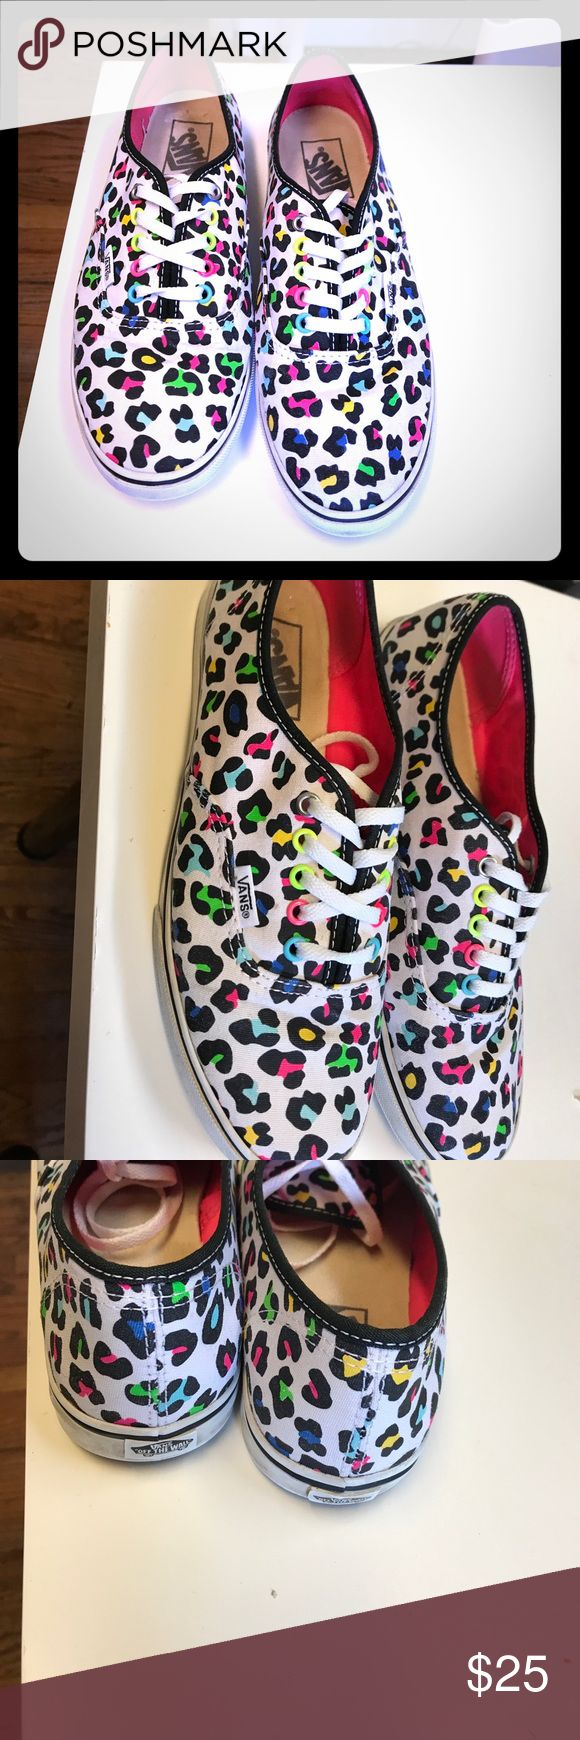 Vans Tennis Shoes -Sz 7.5 Excellent condition Vans Shoes Sneakers